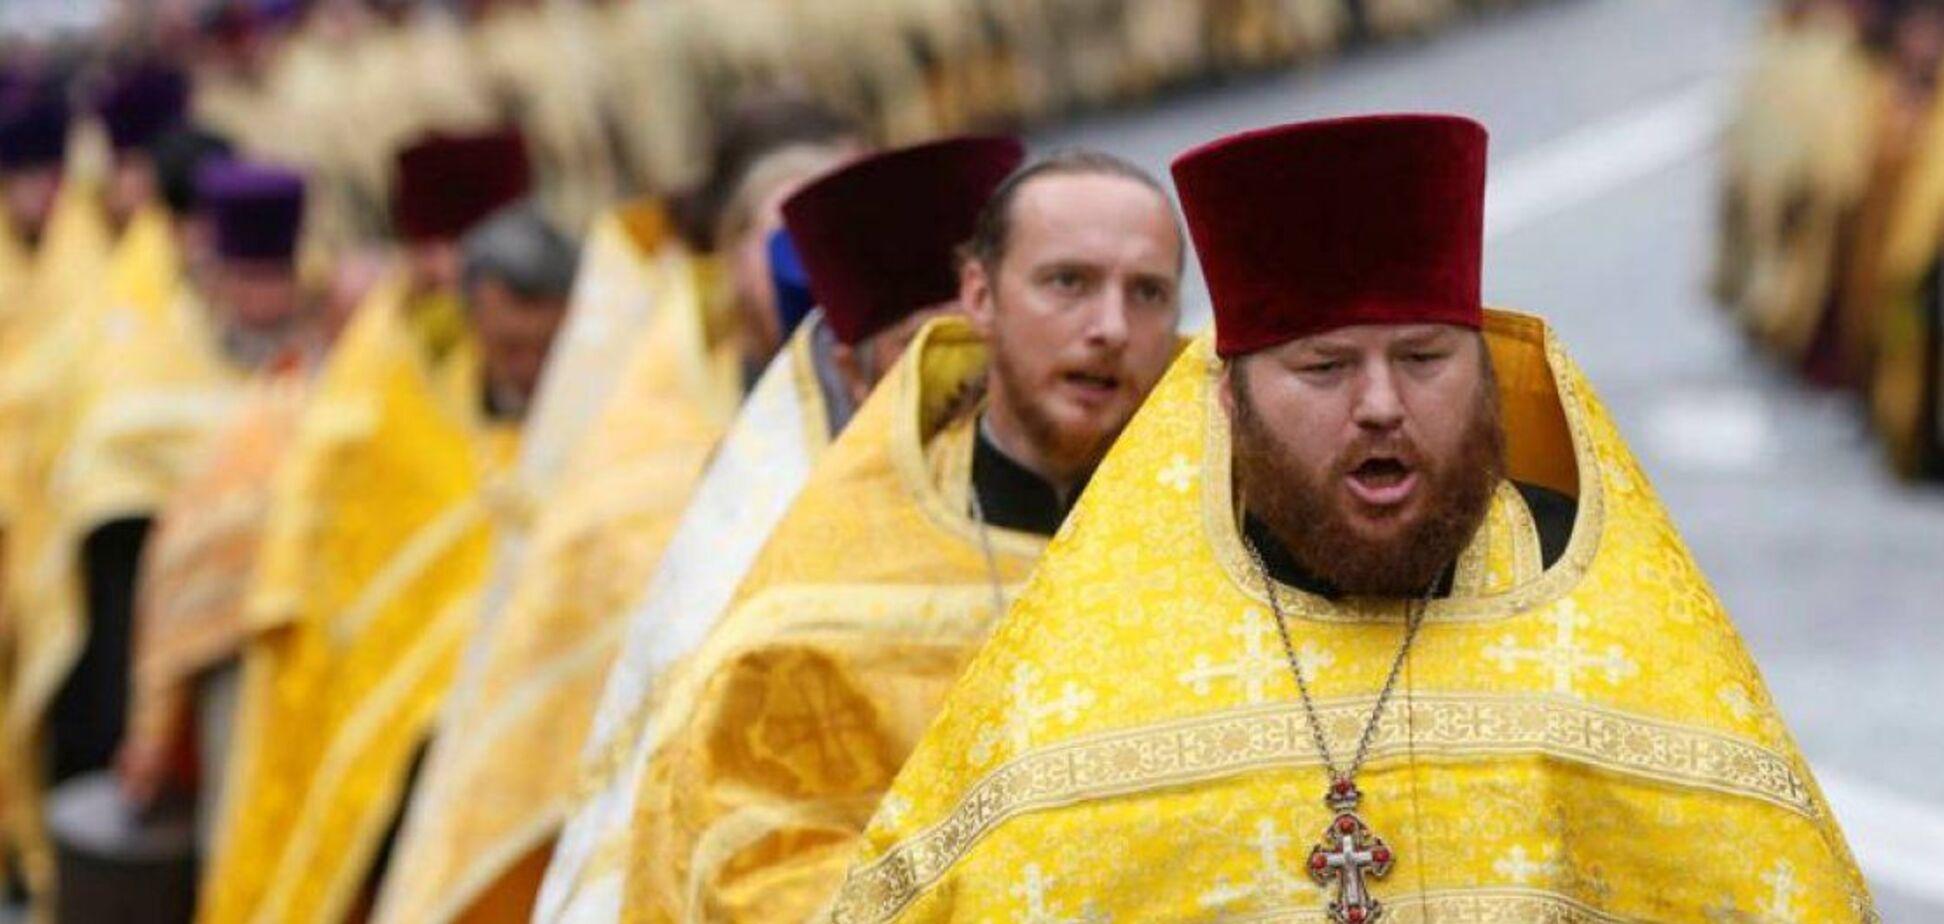 Московский патриархат в Украине